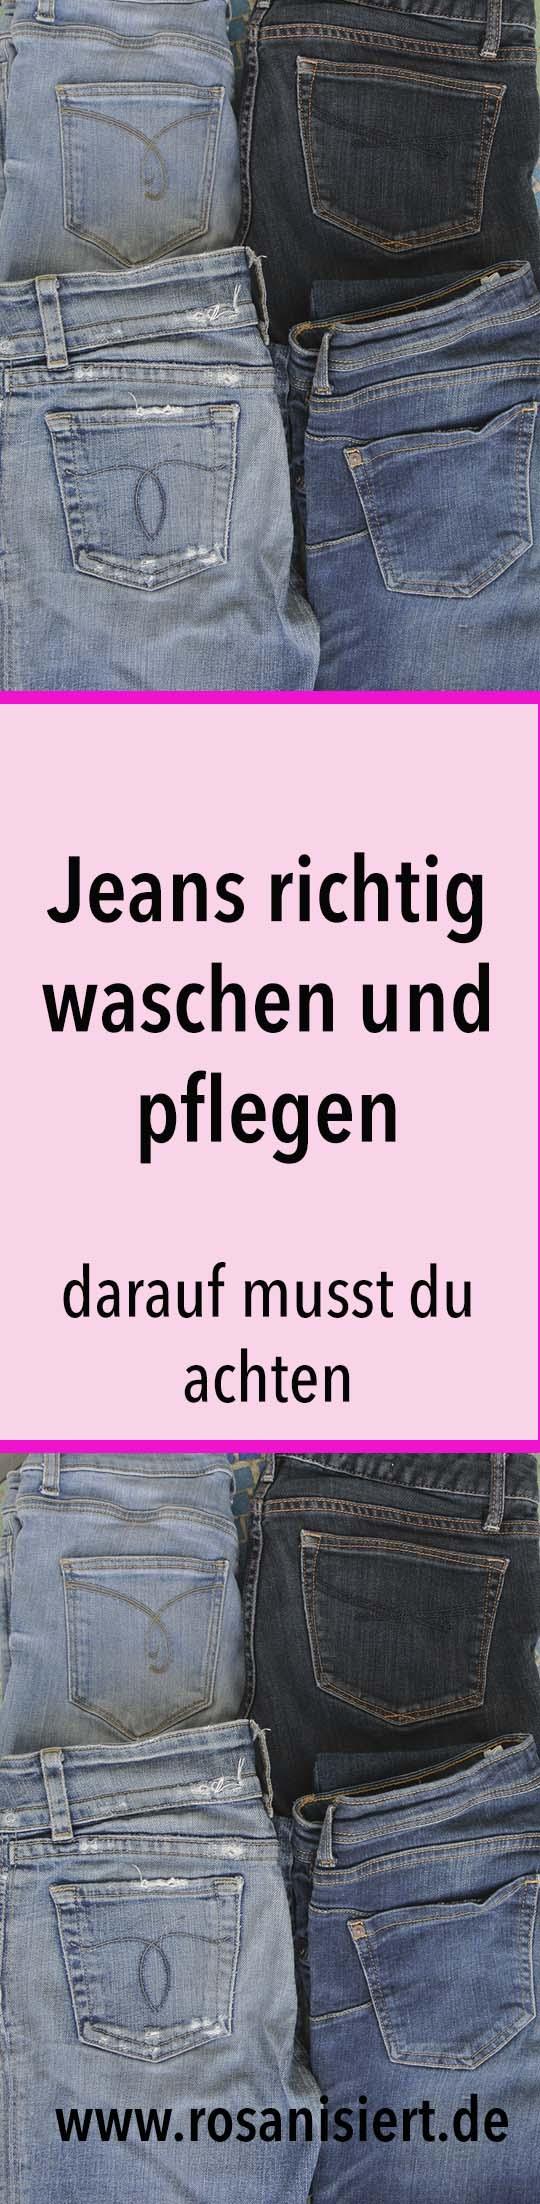 Anzeige: Jeans waschen und pflegen - die besten Tipps, wie eure Jeans lange schön bleibt und der wahre Grund, warum ihr eure Jeans nicht mehr waschen sollt. Außerdem stelle ich euch die Jeans Blau Tücher von Heitmann vor, die die Farbe eurer Jeans auffrischen